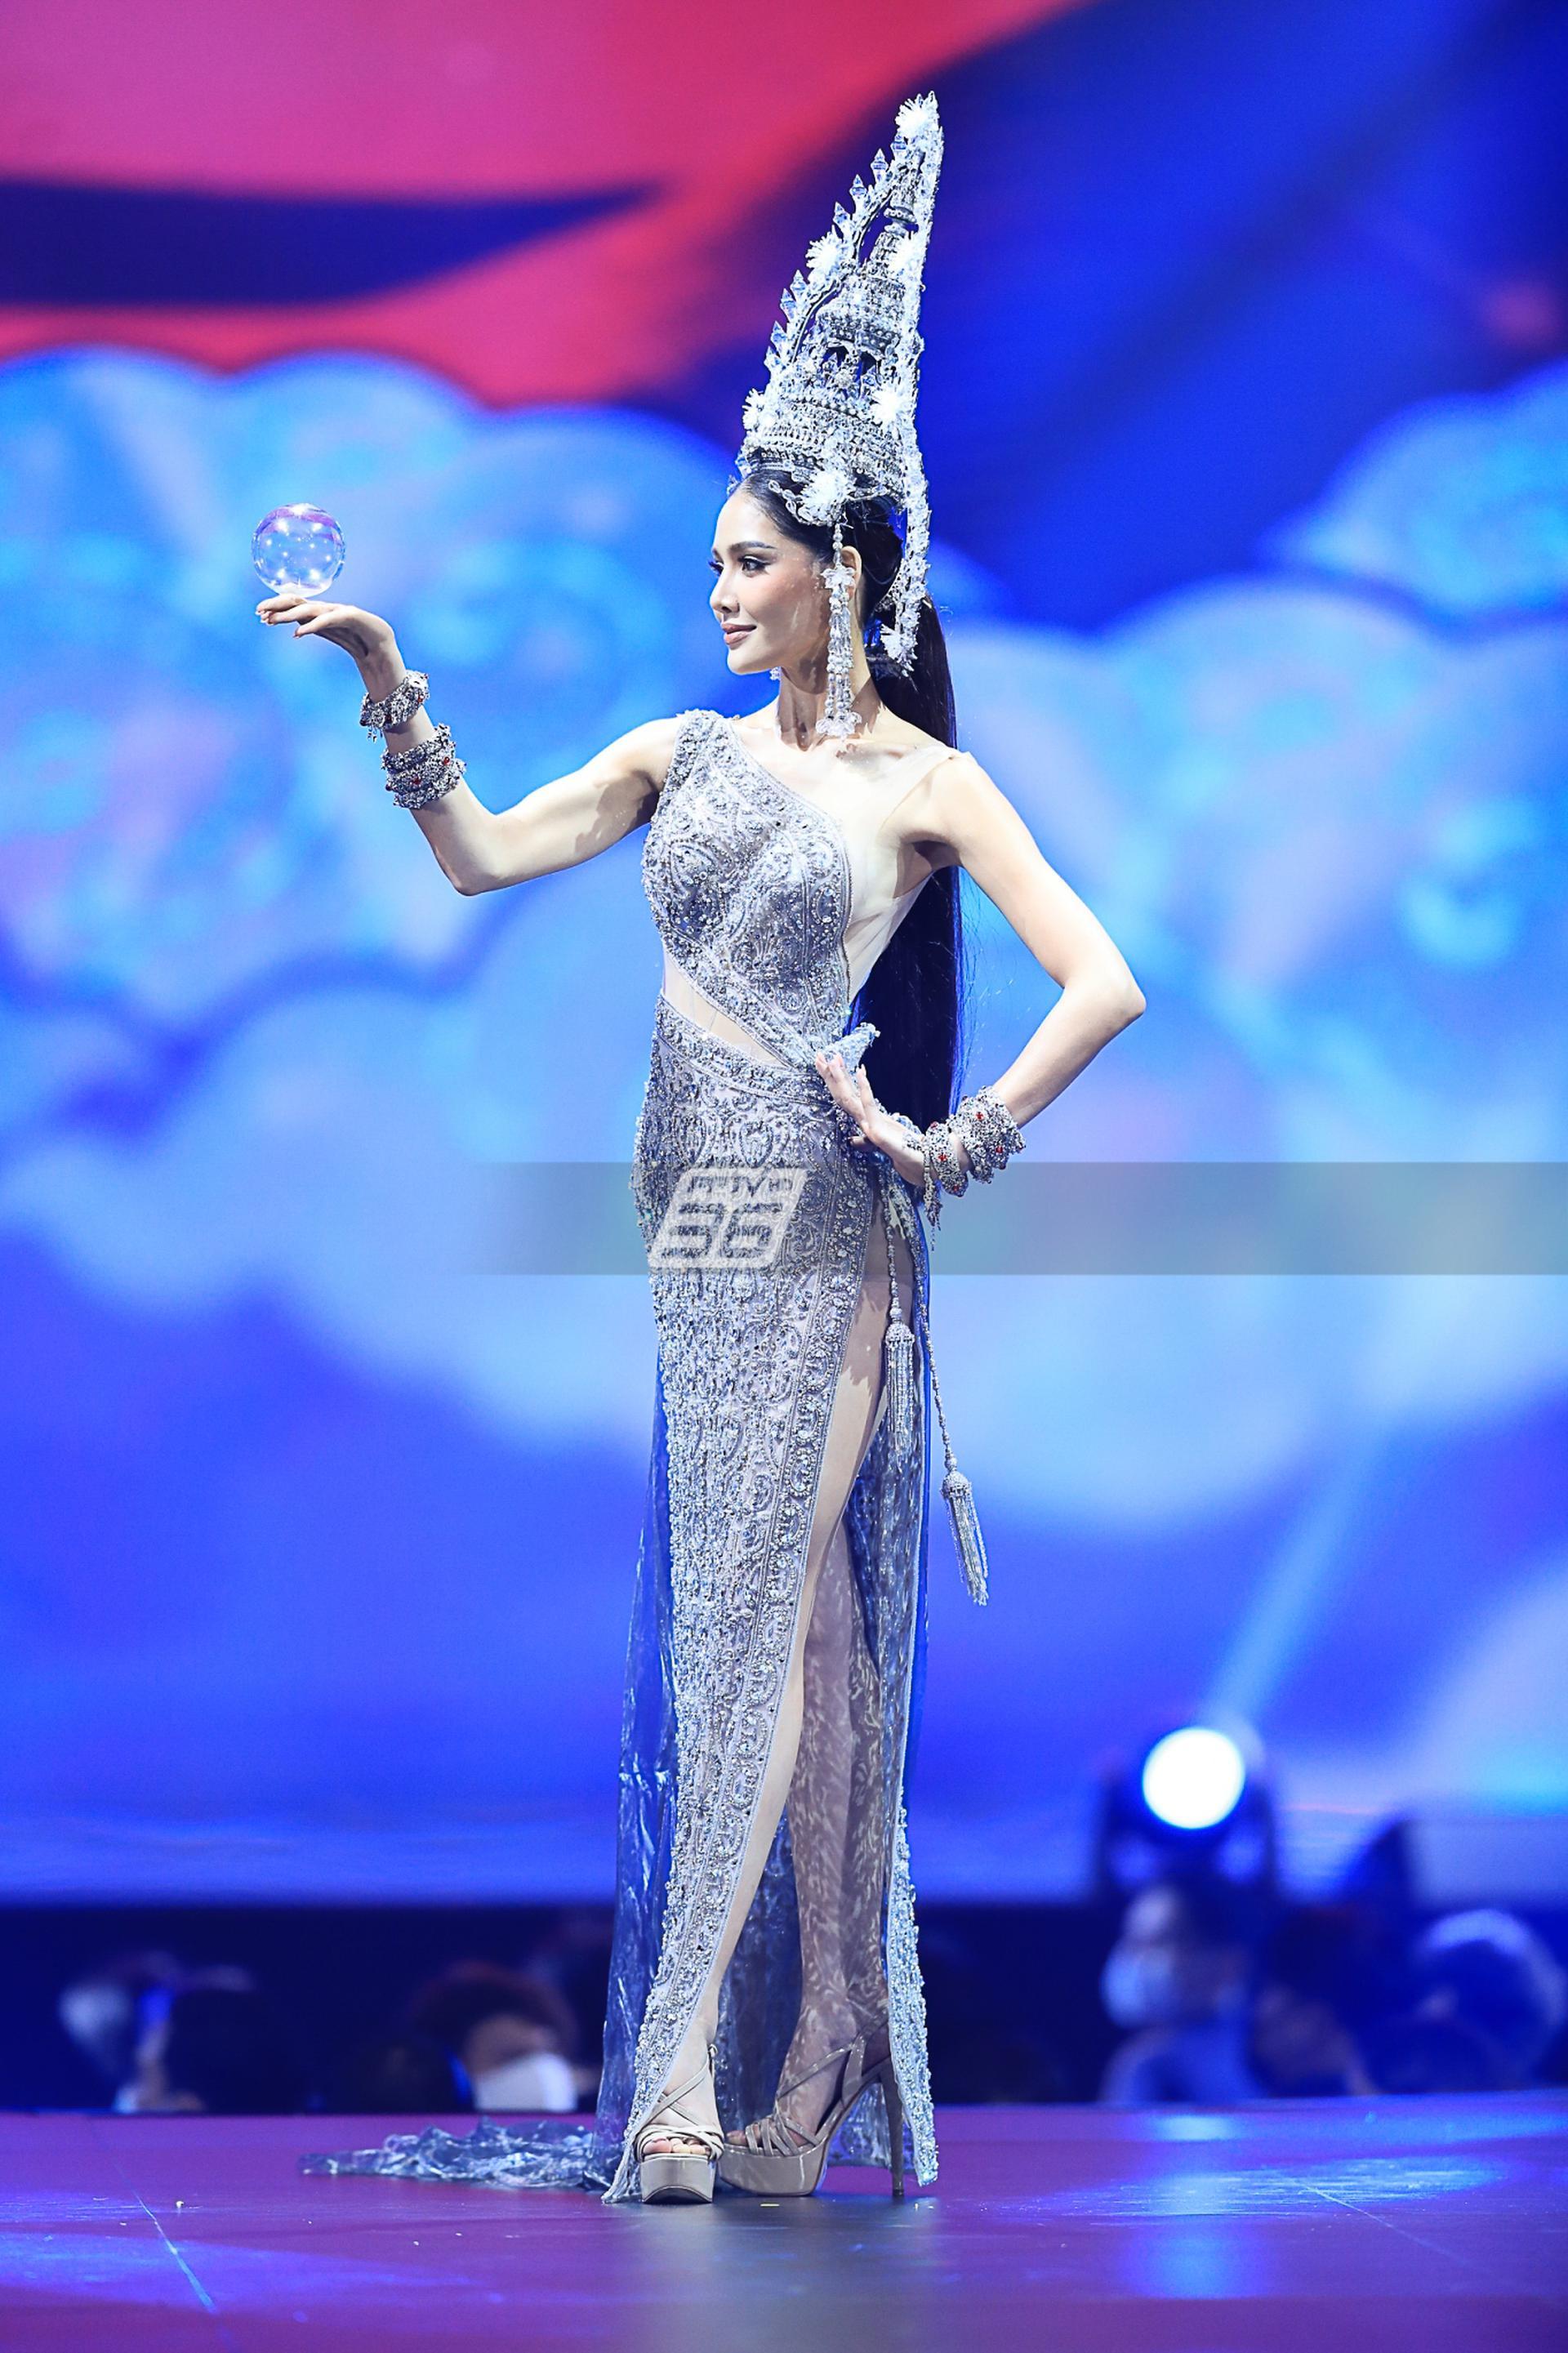 30 ชุดประจำชาติ บนเวที Miss Universe Thailand 2020